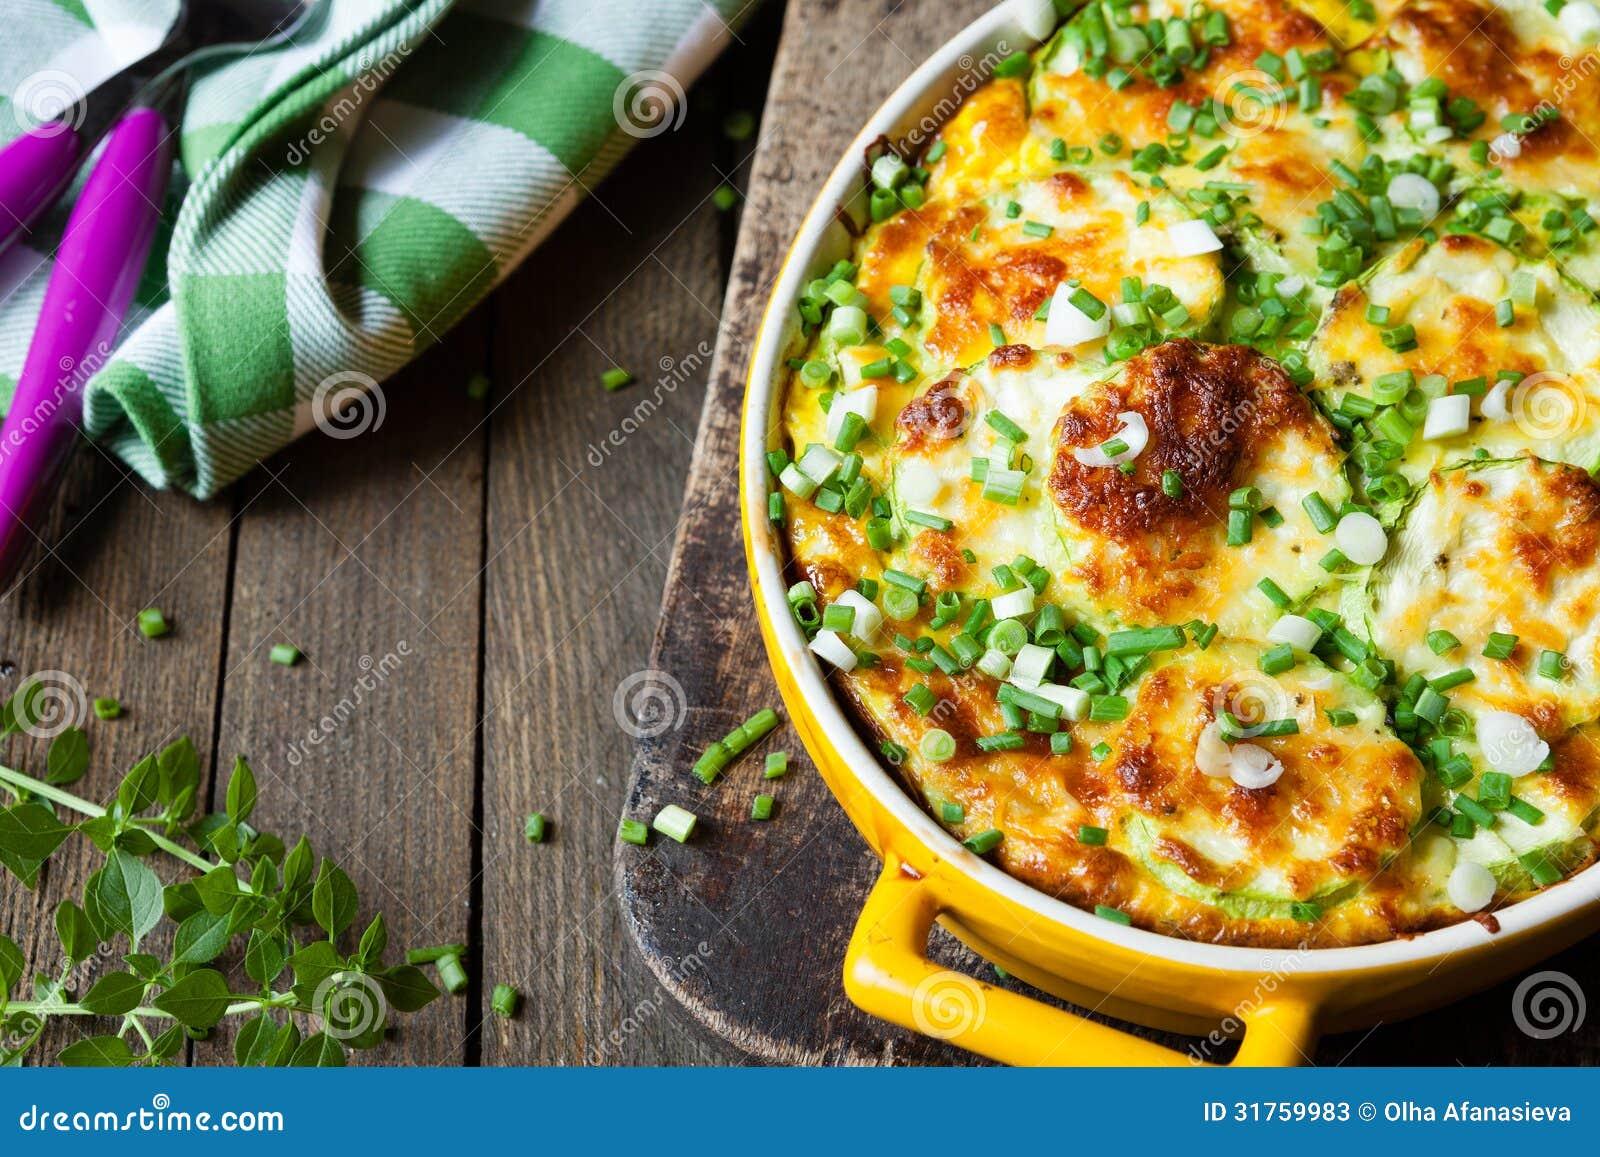 Plantaardige braadpan met courgette